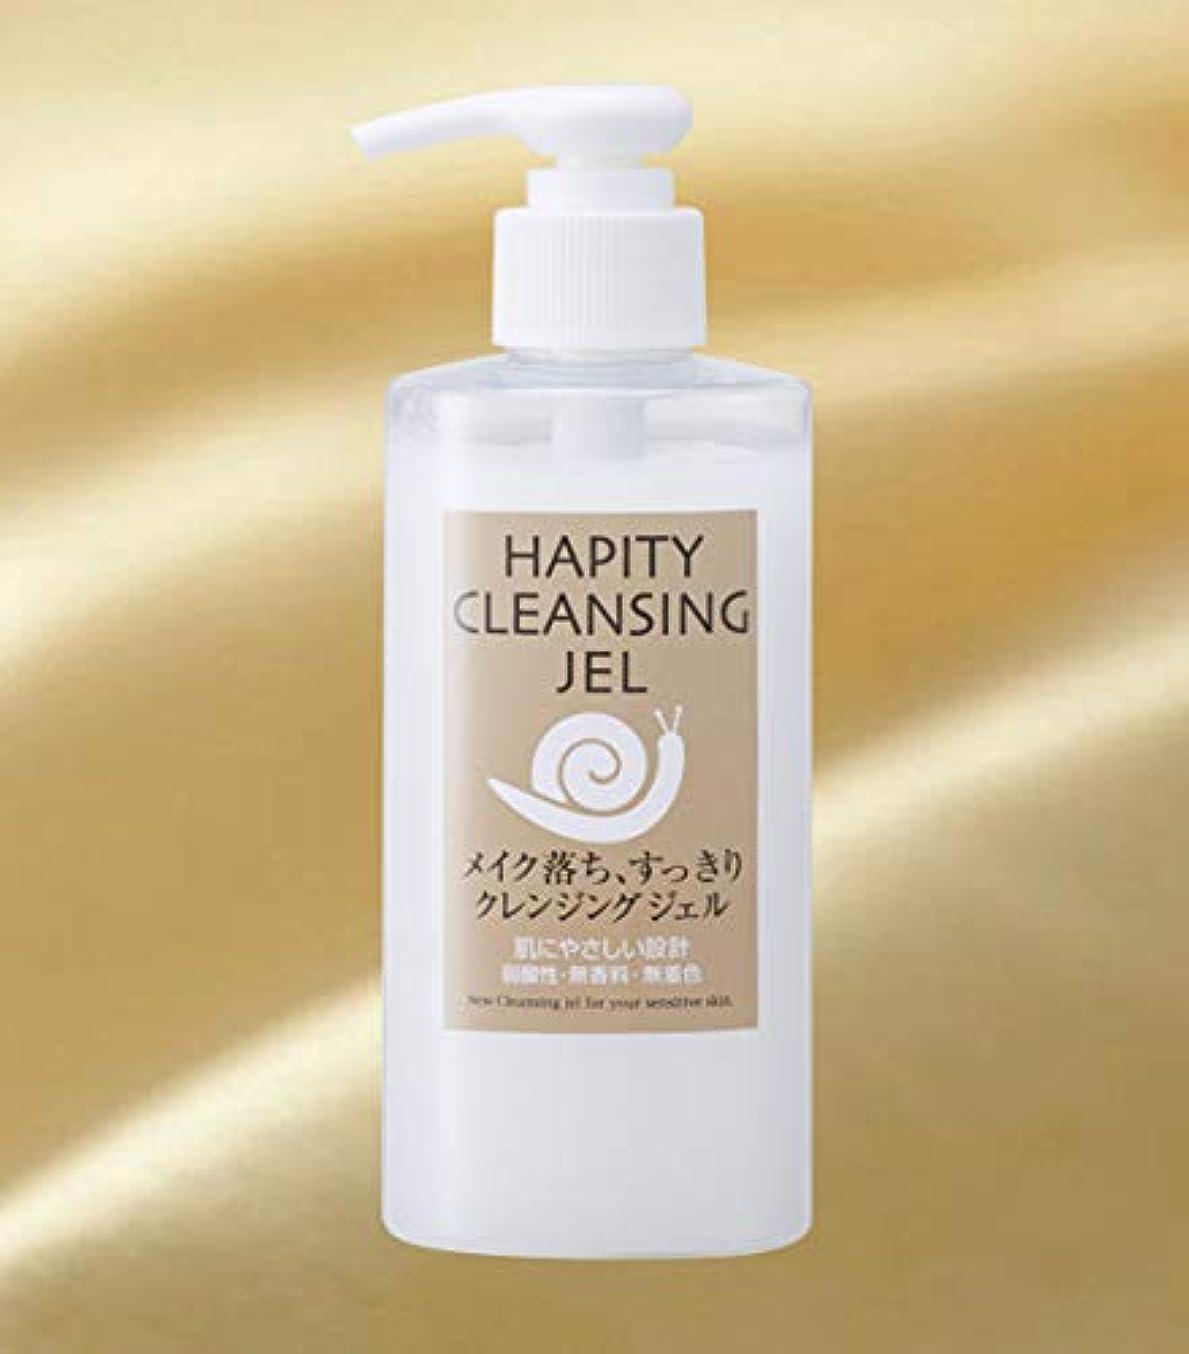 関係するケープ発見するハピティ クレンジングジェル (200g) Hapity Cleansing Jel